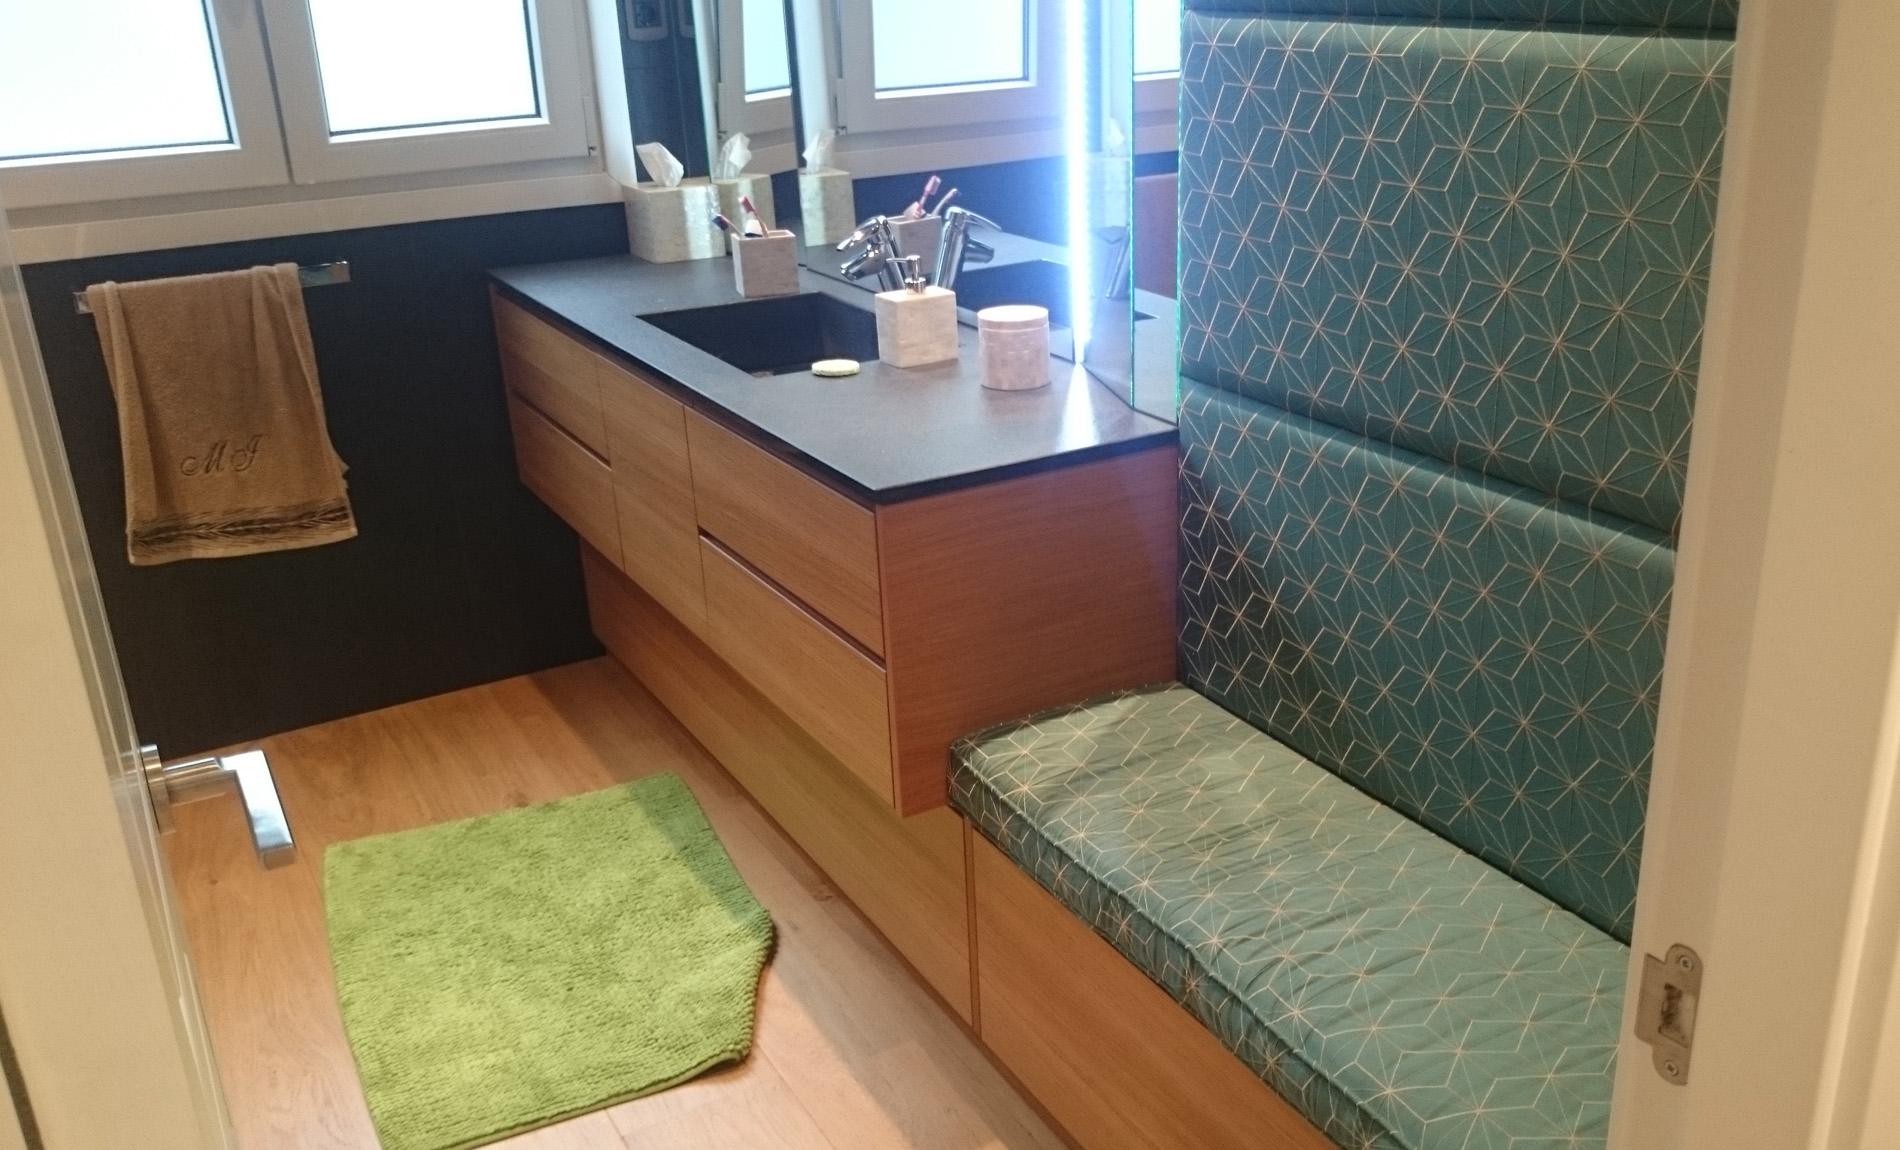 Baño: Instalación y Mobiliario